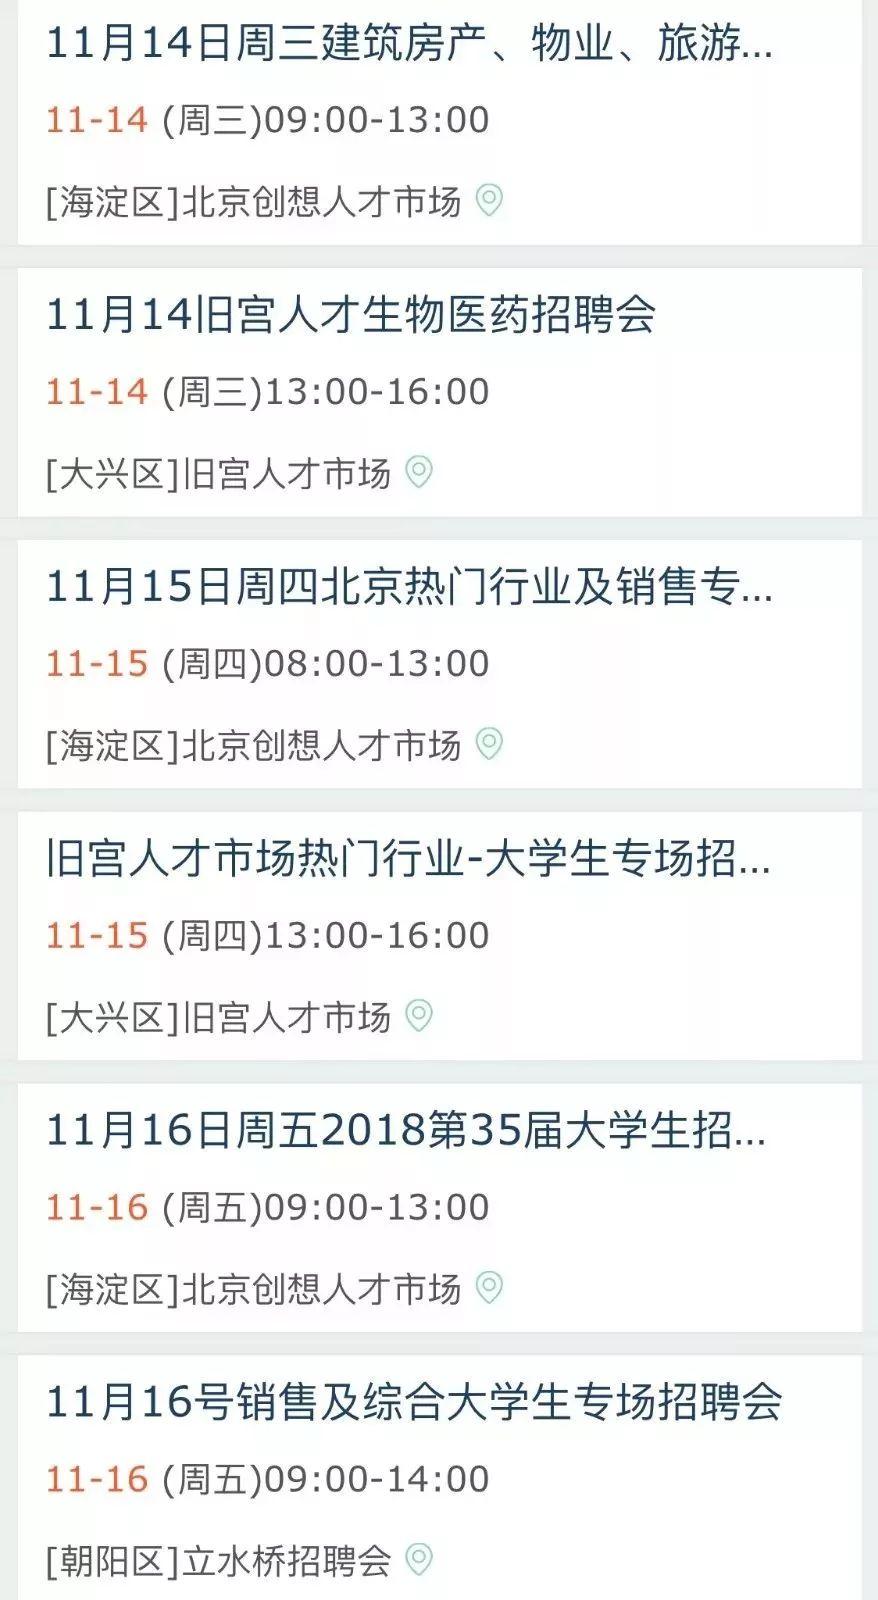 2018北京11月招聘会预告详情